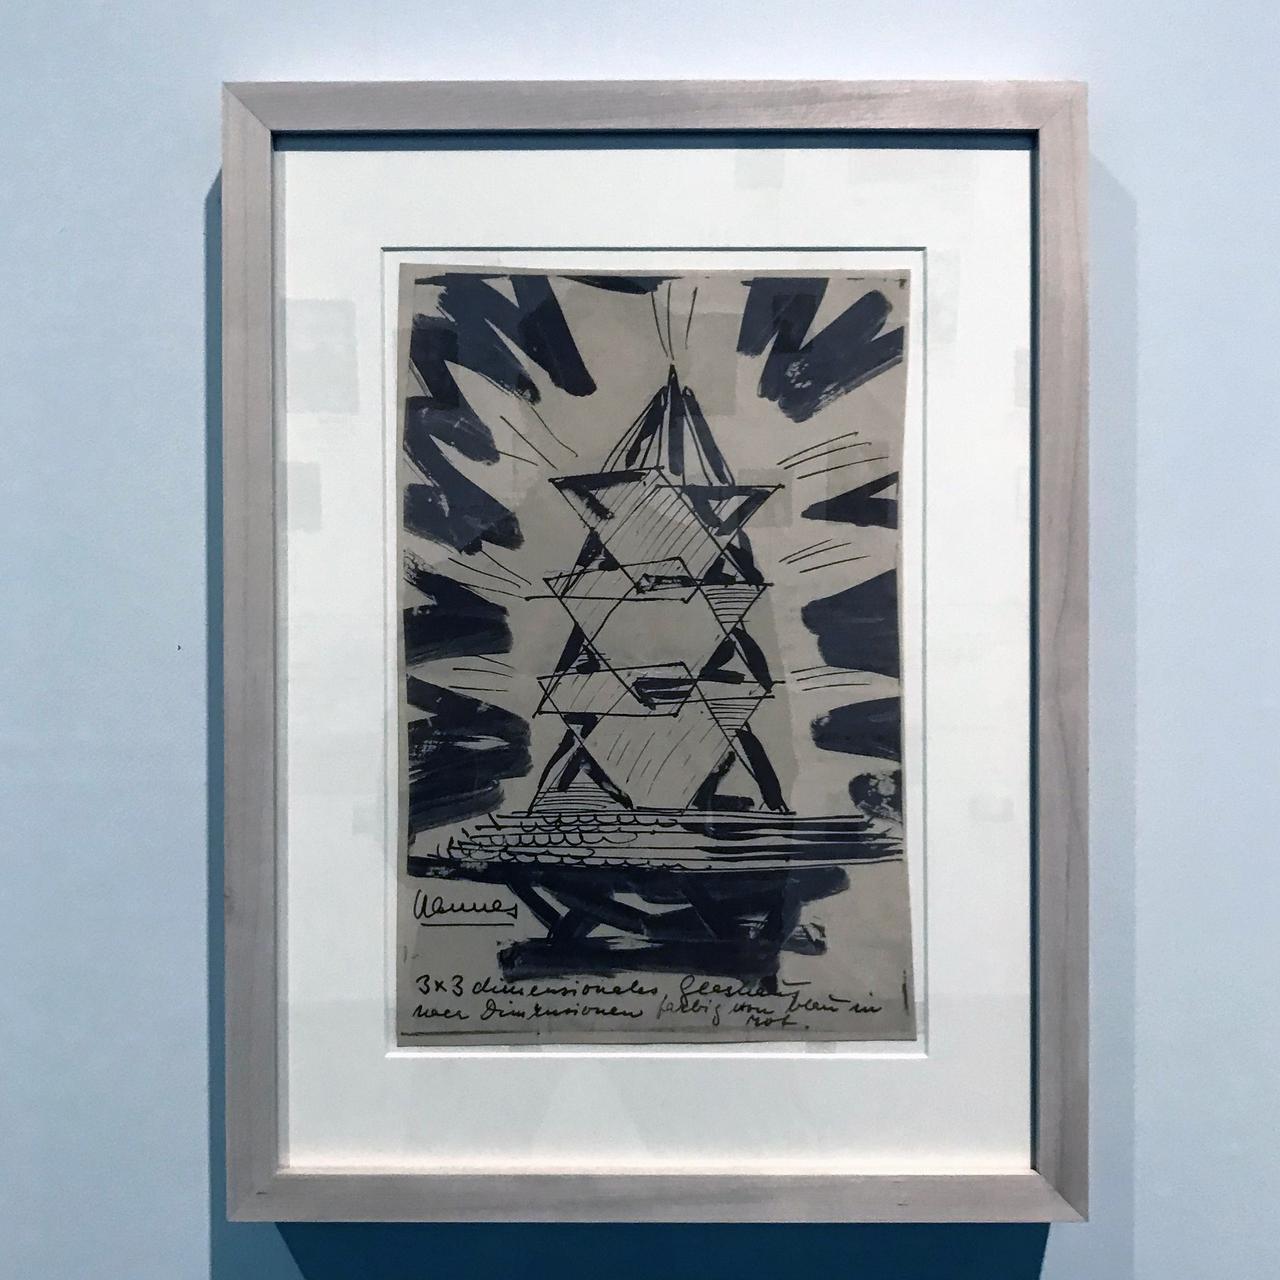 画像: ハンス・シャロウン《ハンス・シャロウンによるガラスの家のプロジェクトのためのドローイング》 1919または1920 カナダ建築センター photo©saitomoichi